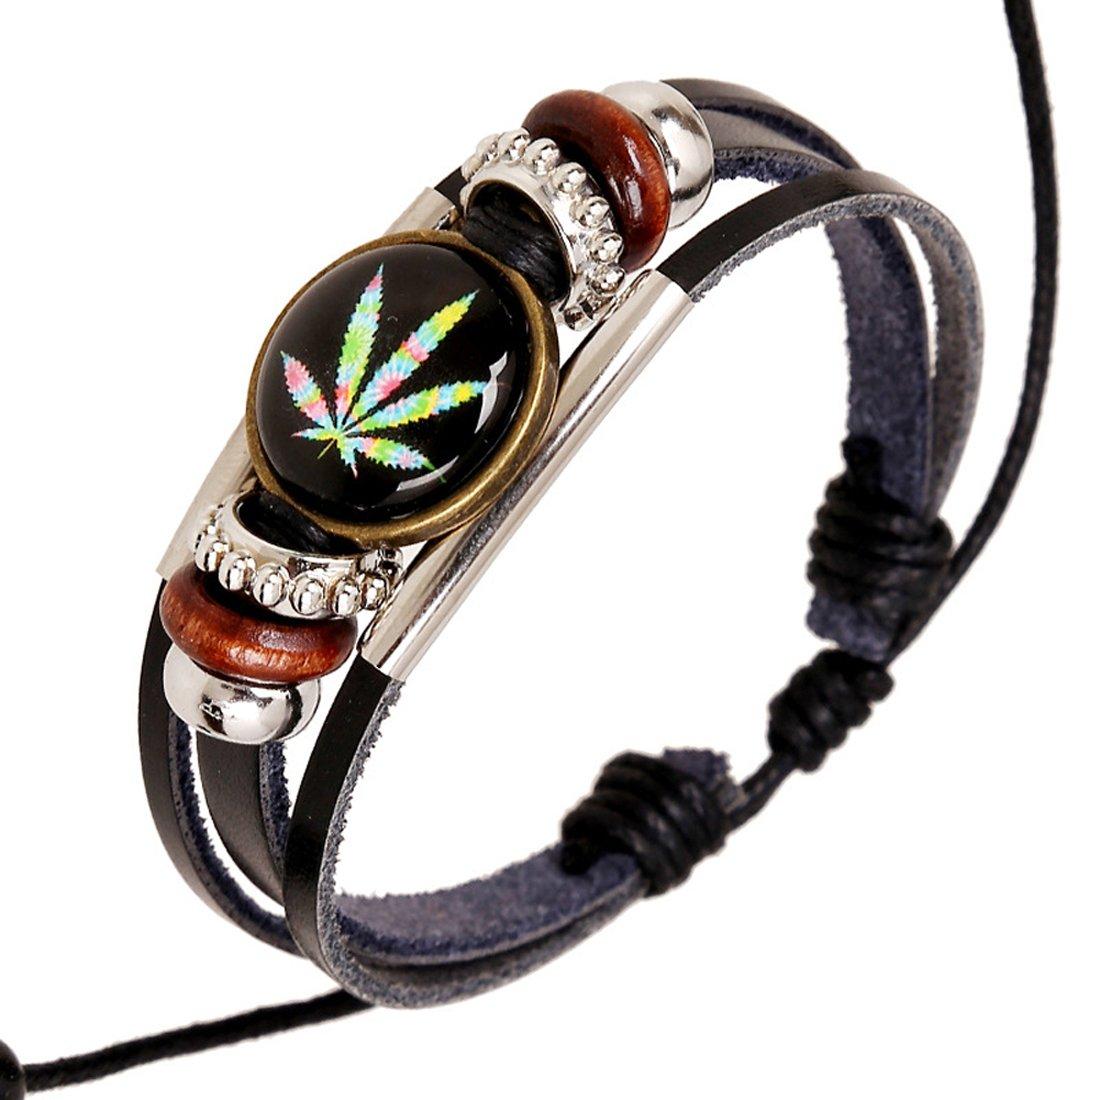 D.B.MOOD Adjustable Genuine Leather Bracelet - Marijuana Weed Leaf Black by D.B.MOOD (Image #1)